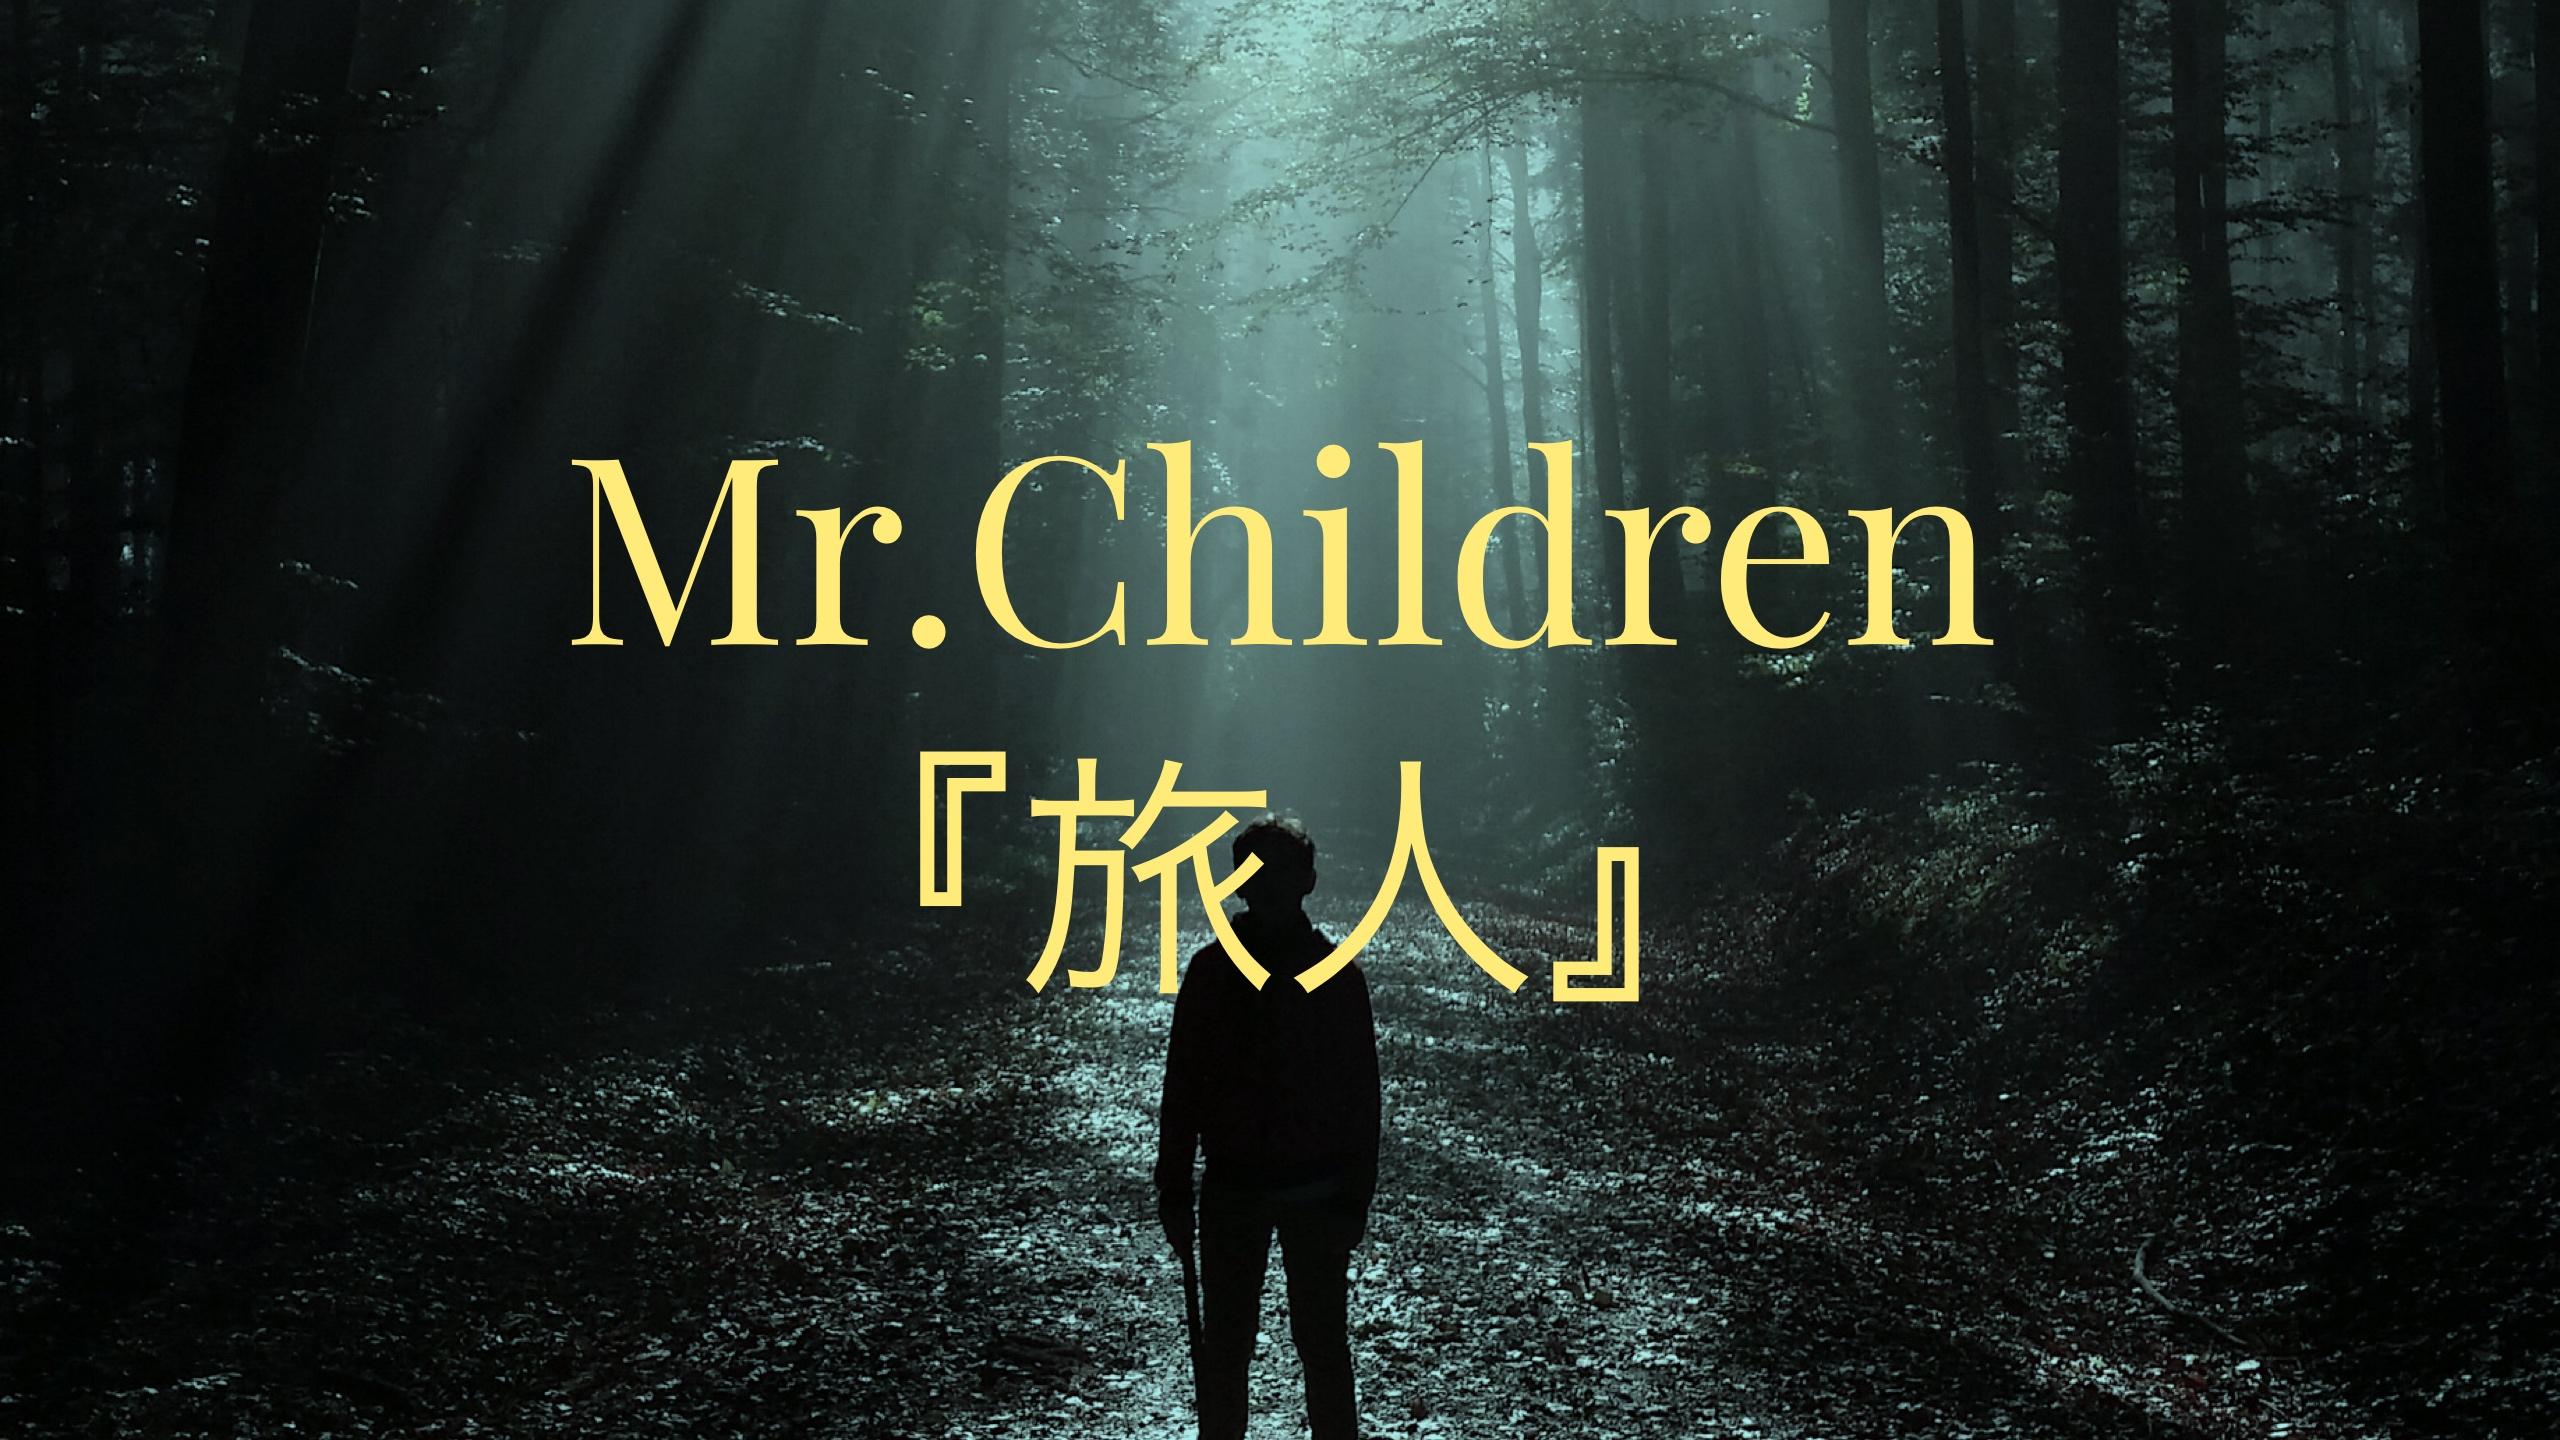 Mr.Children『旅人』-愛に舞い、夢を追う旅人は今日もまた神頼み